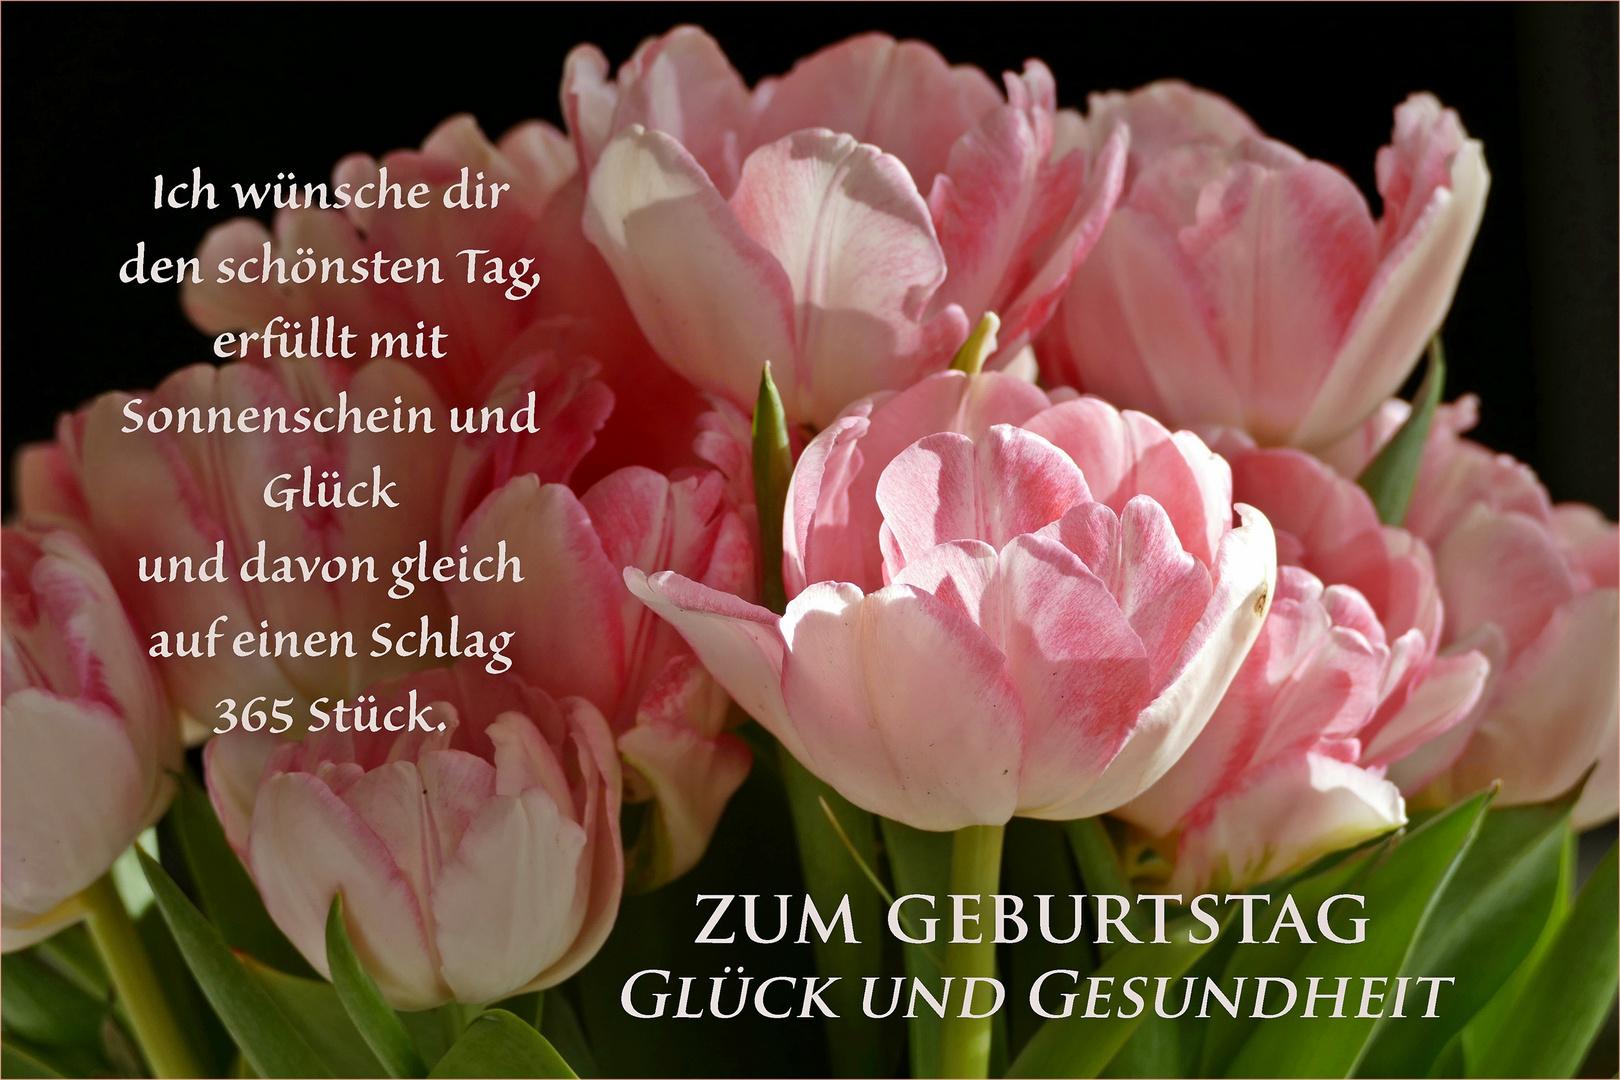 Gluck Und Gesundheit Foto Bild Tulpen Spruch Geburtstag Bilder